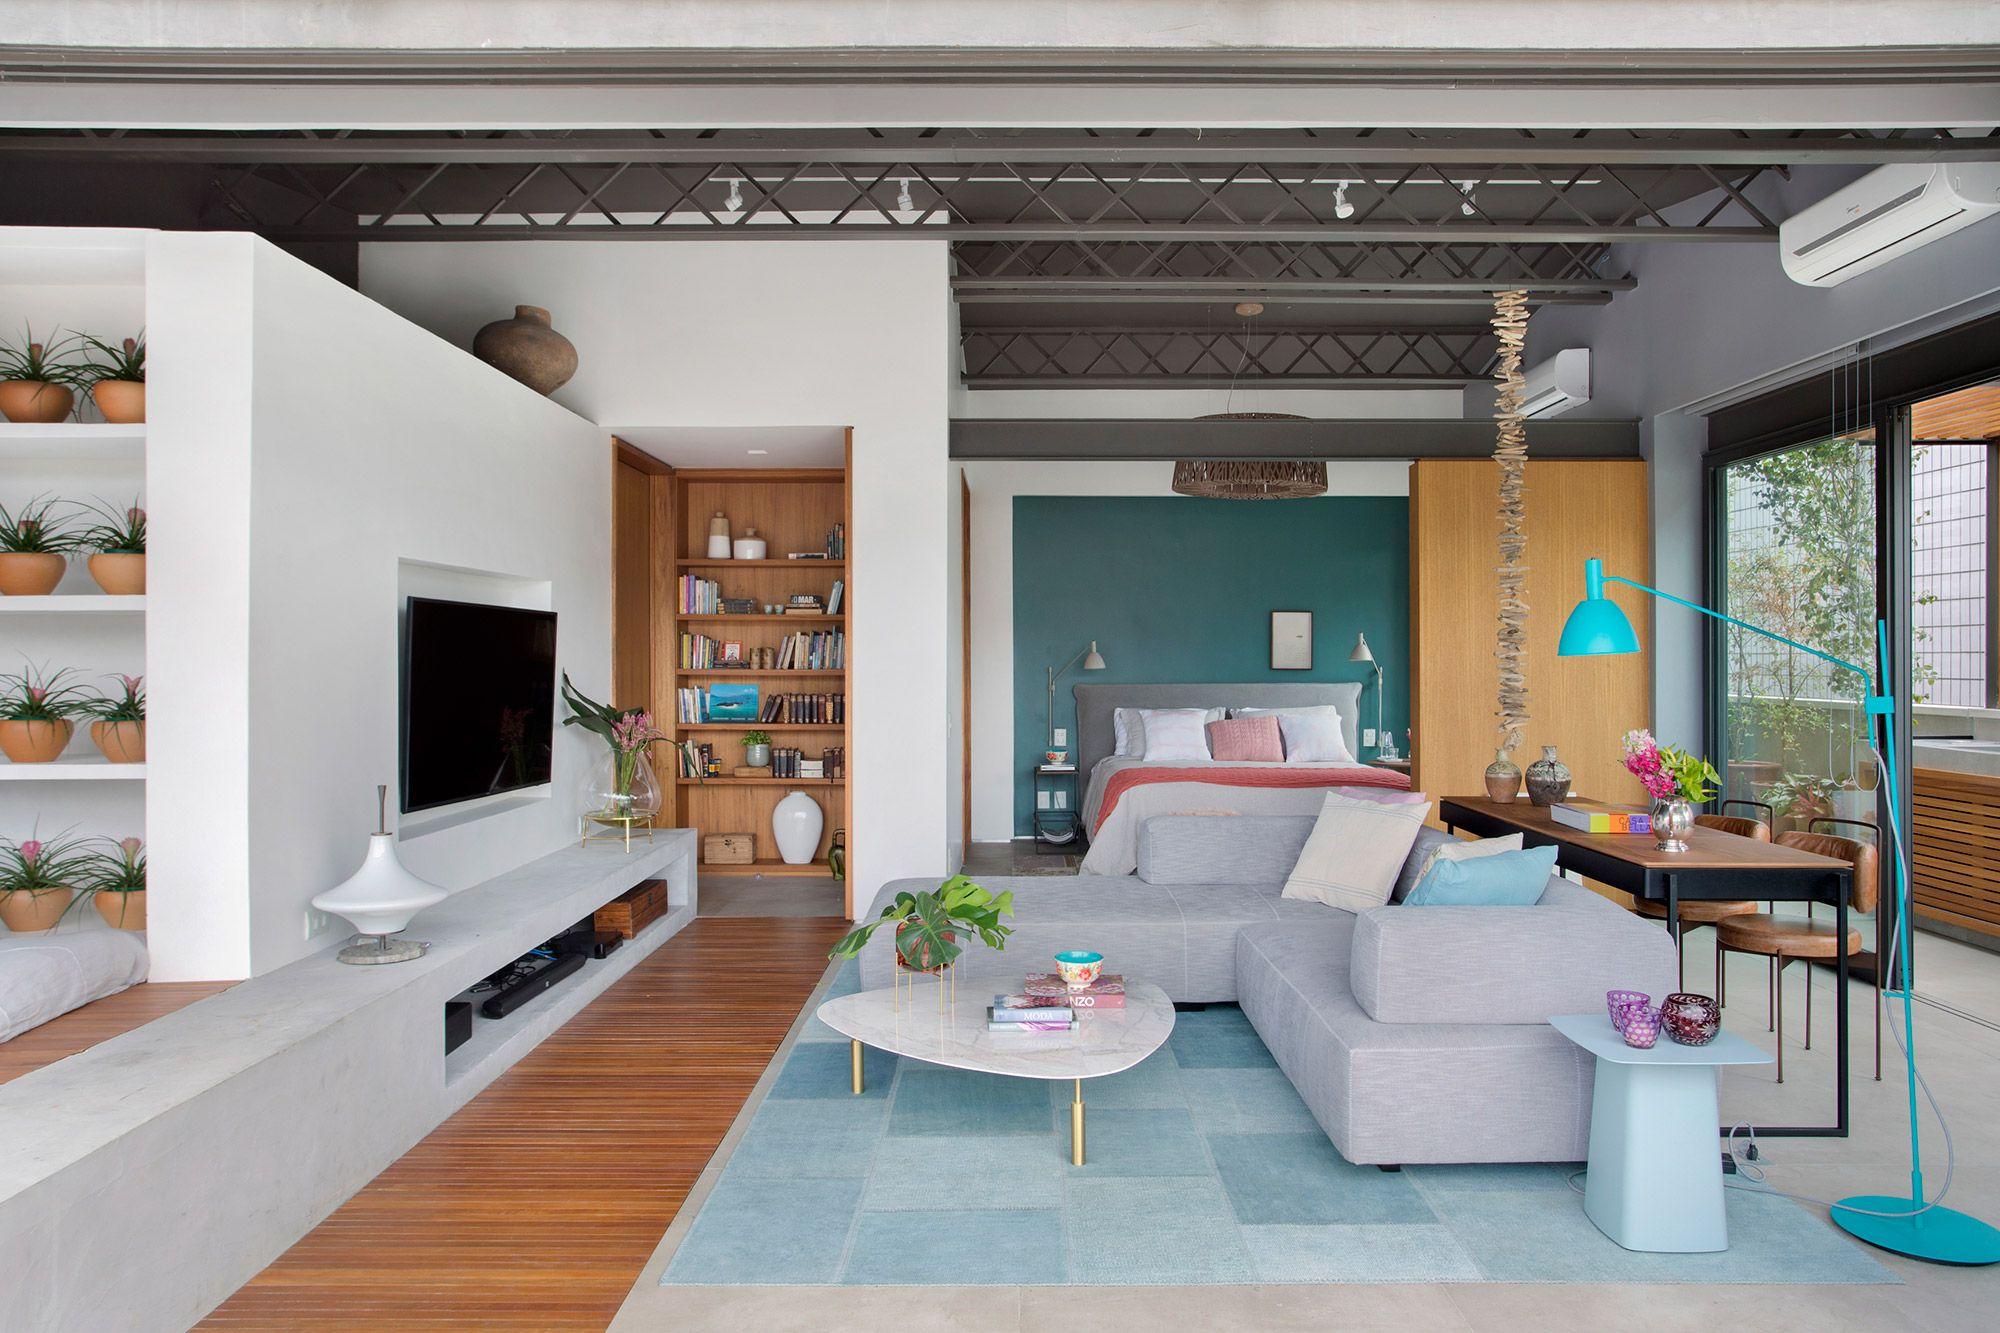 Cobertura duplex no Rio de Janeiro possui área íntima de 151 m².